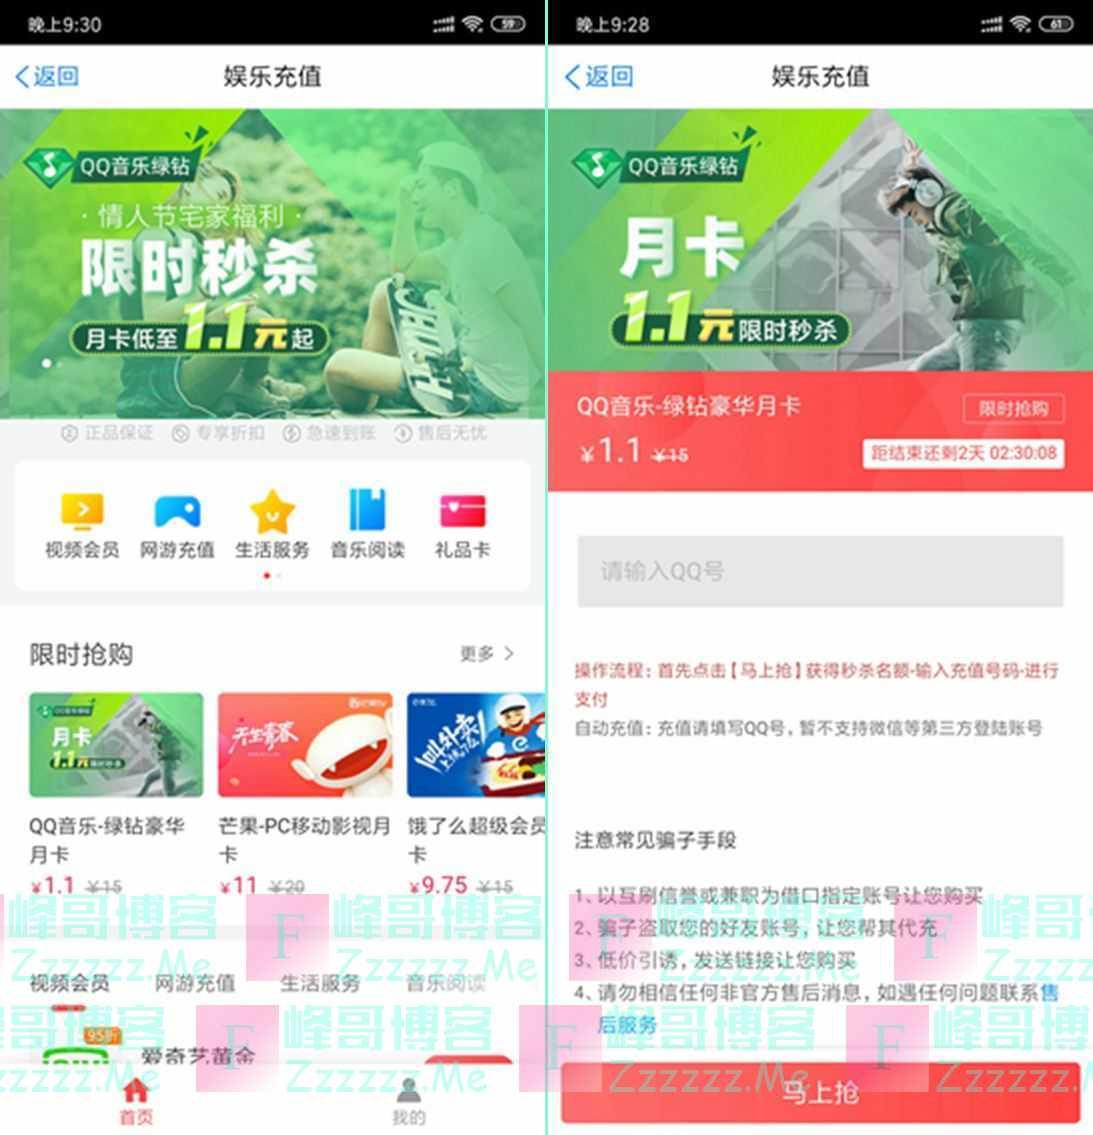 中国银行APP情人节宅家福利1.1元充值一个月QQ豪华绿钻